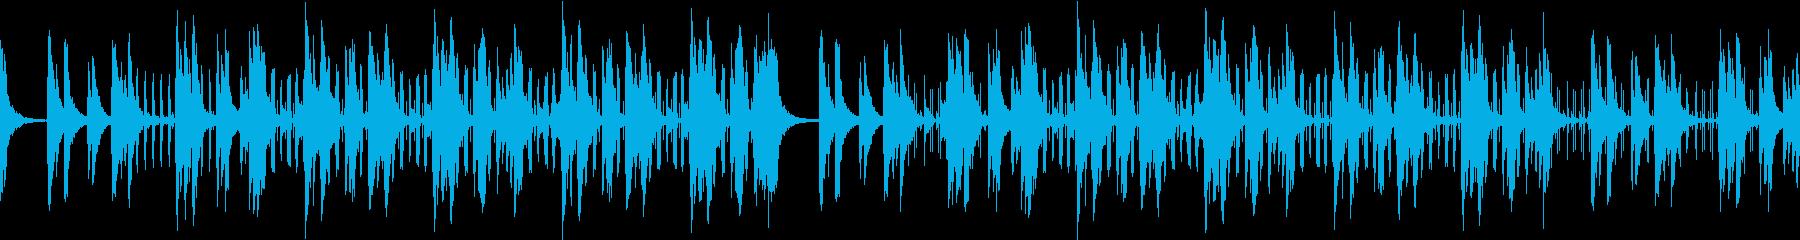 感動的・おしゃれ・シティ・ピアノサウンドの再生済みの波形